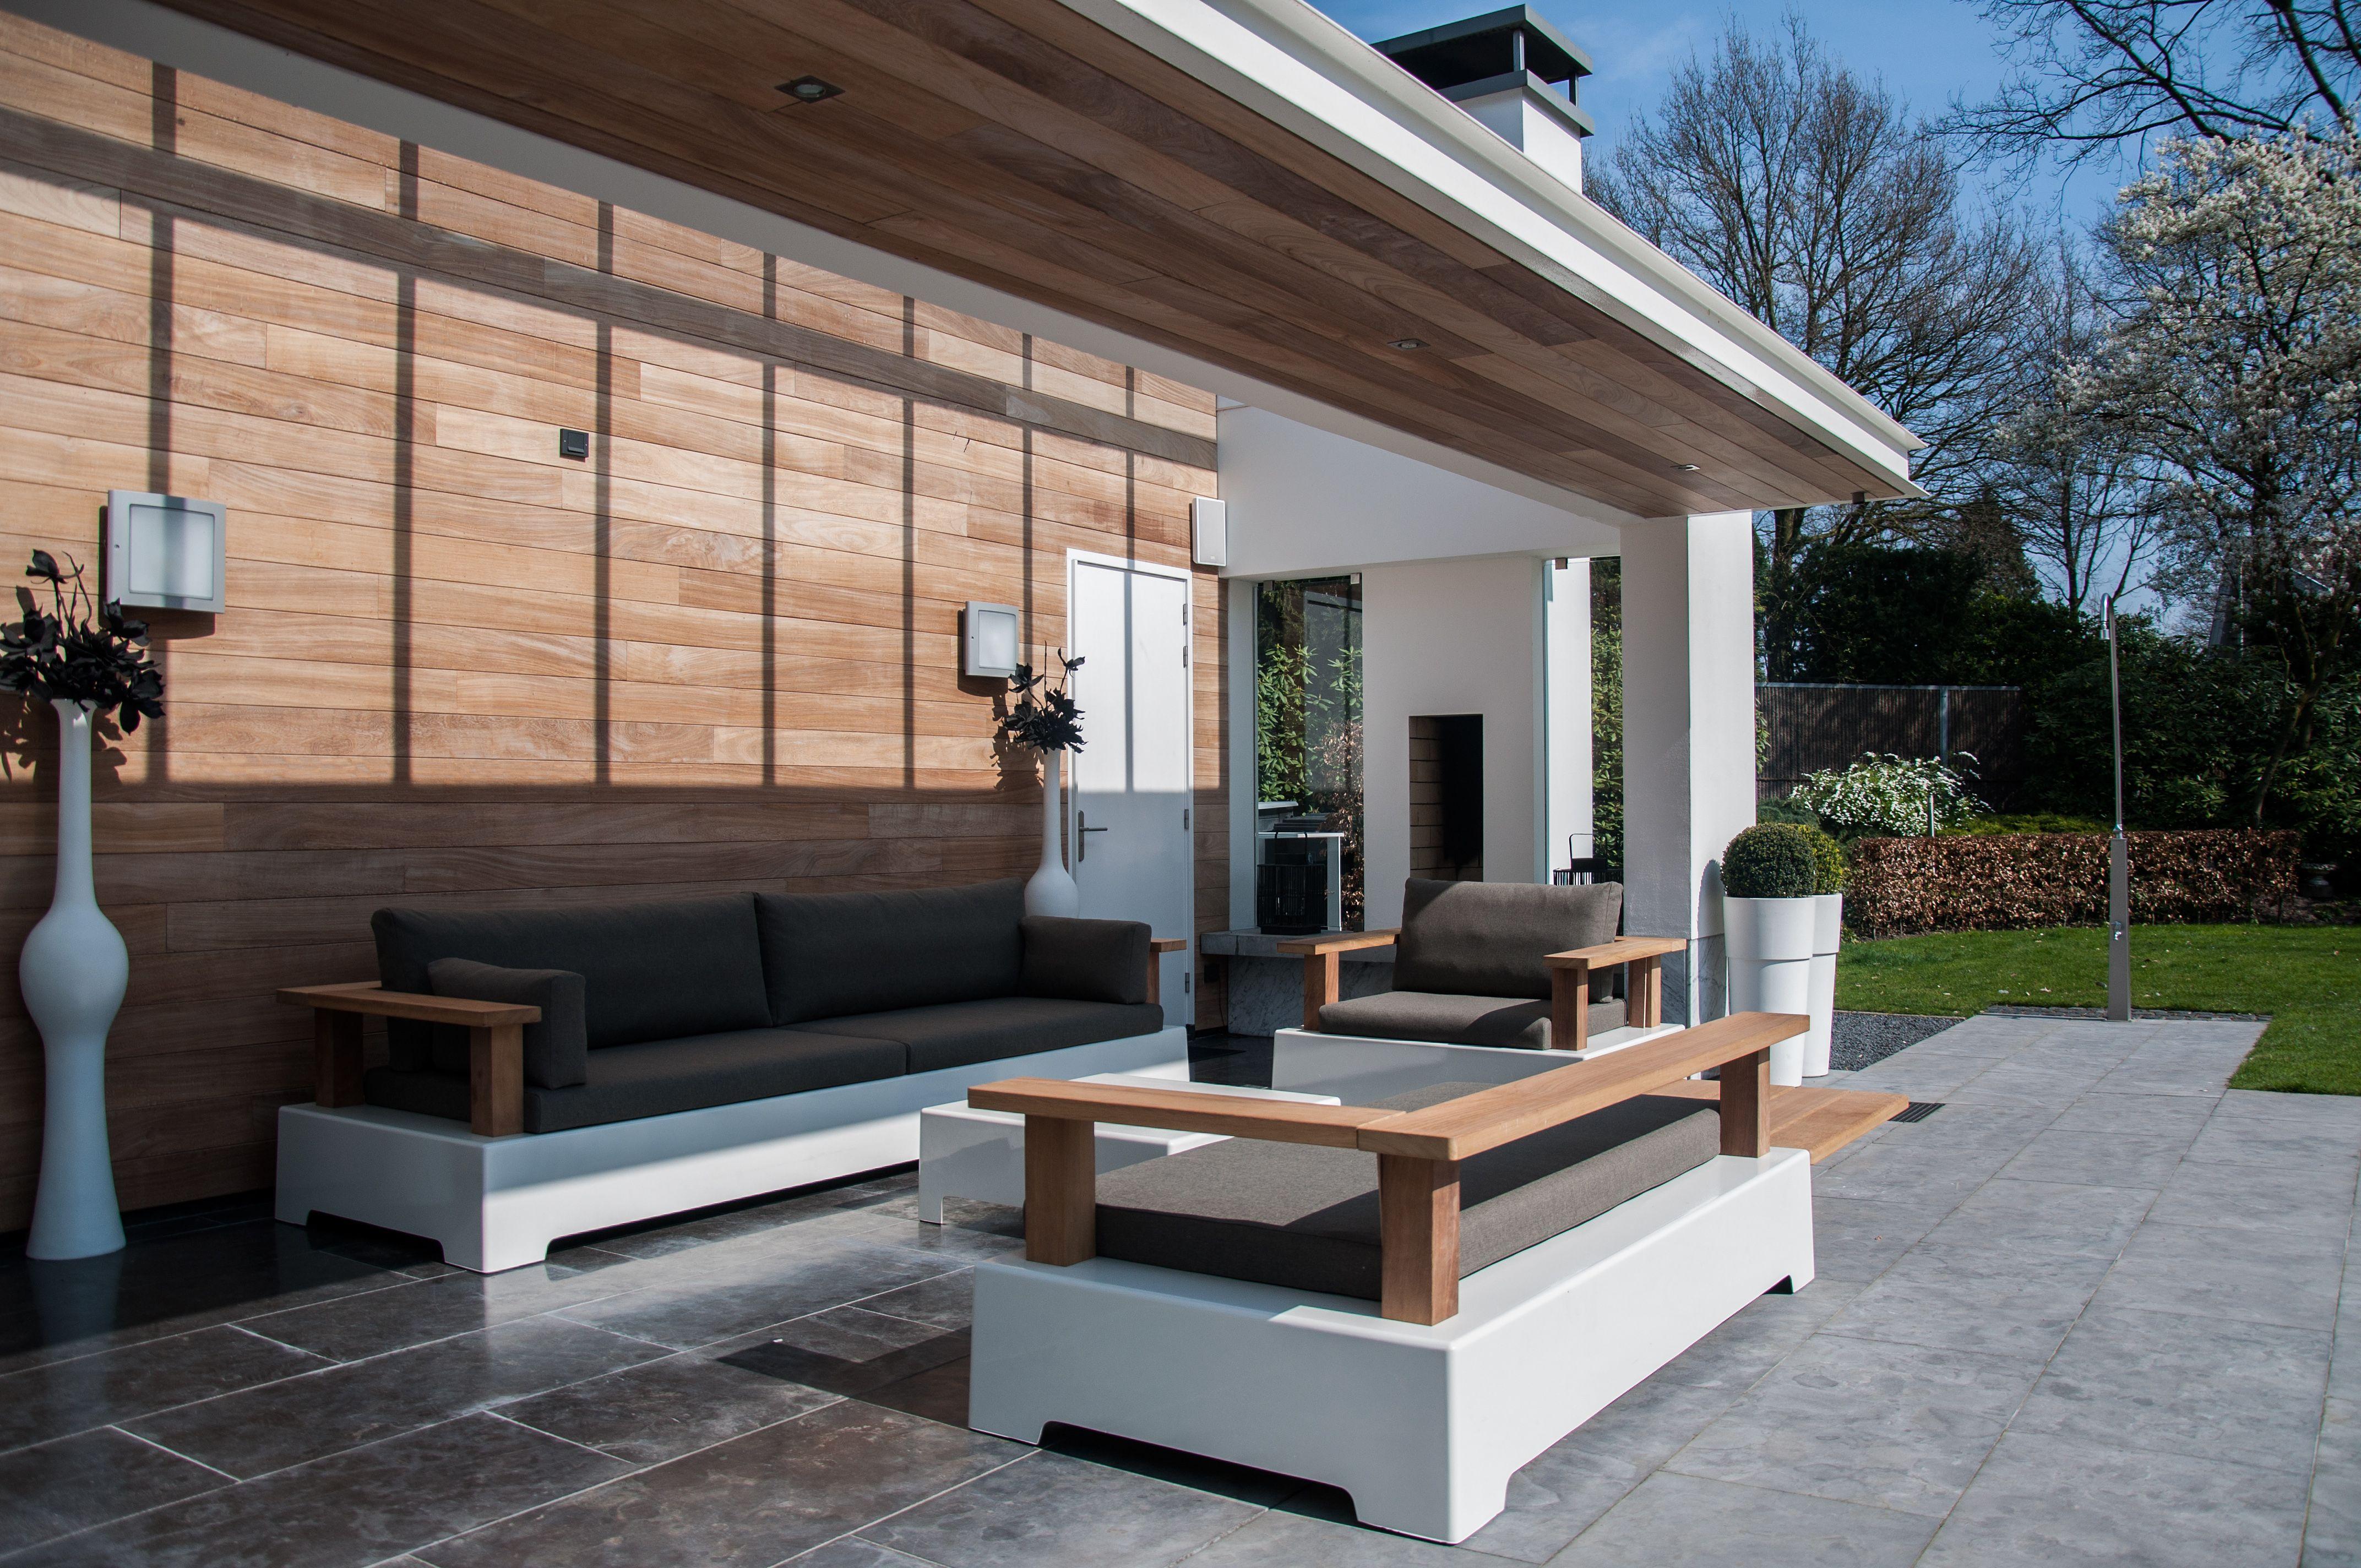 Fixform ROY Contemporary Dutch Garden Furniture